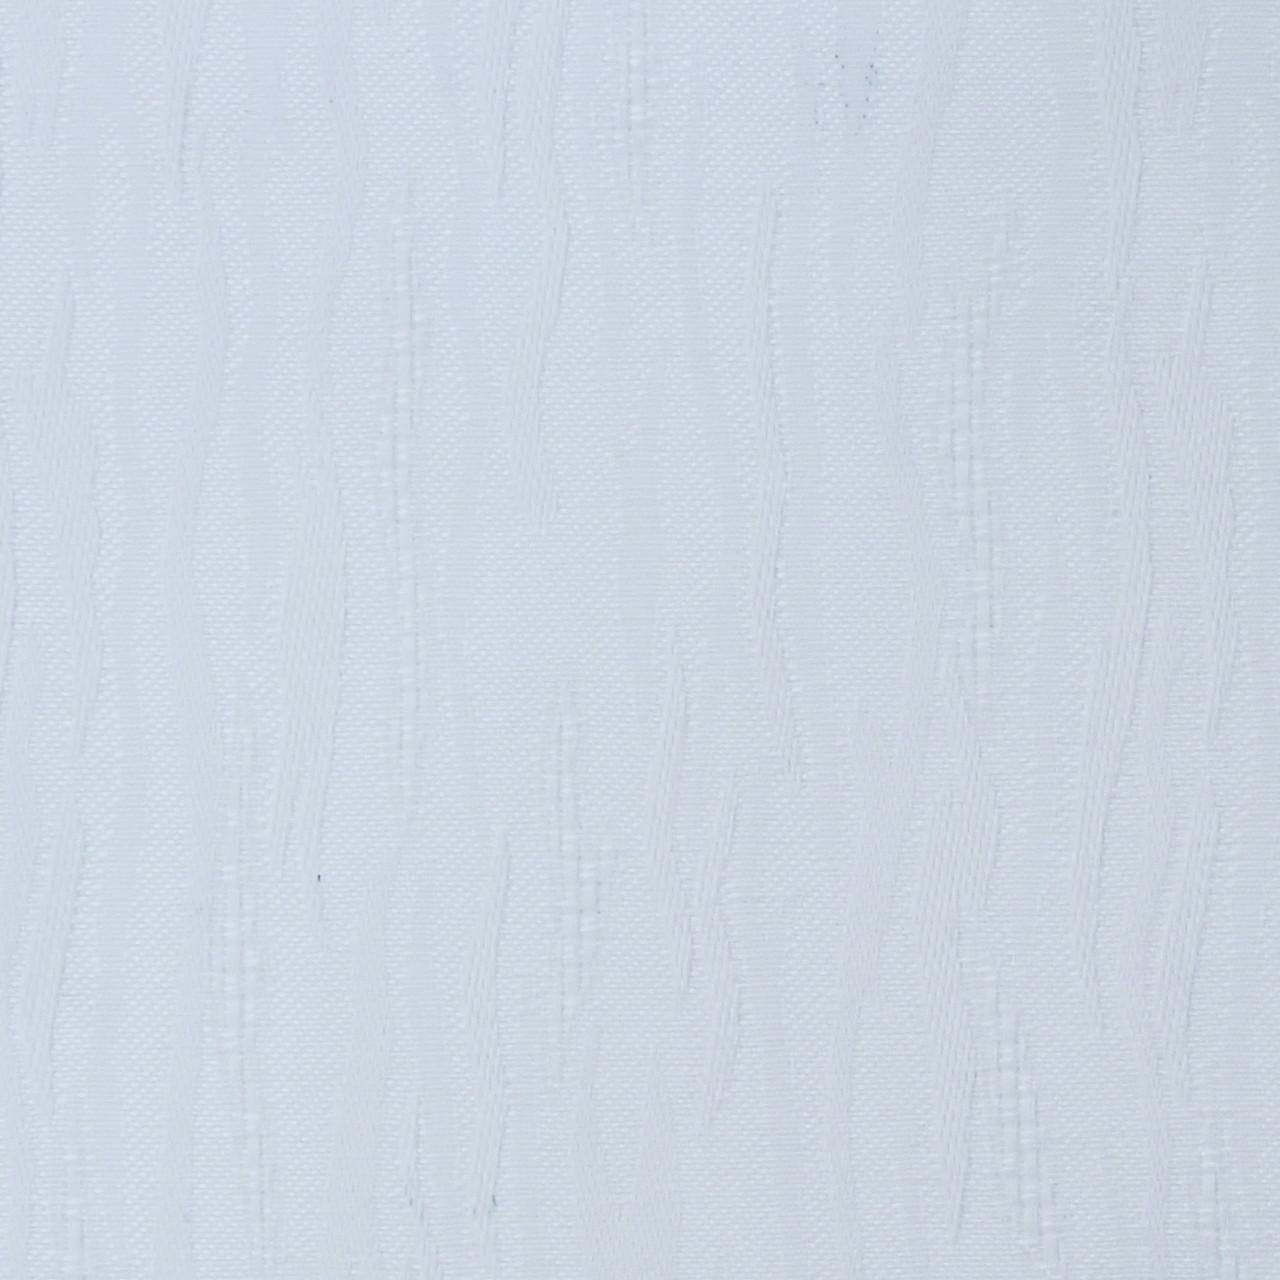 Рулонные шторы Ткань Лазурь (Lasur) 2018 Белый